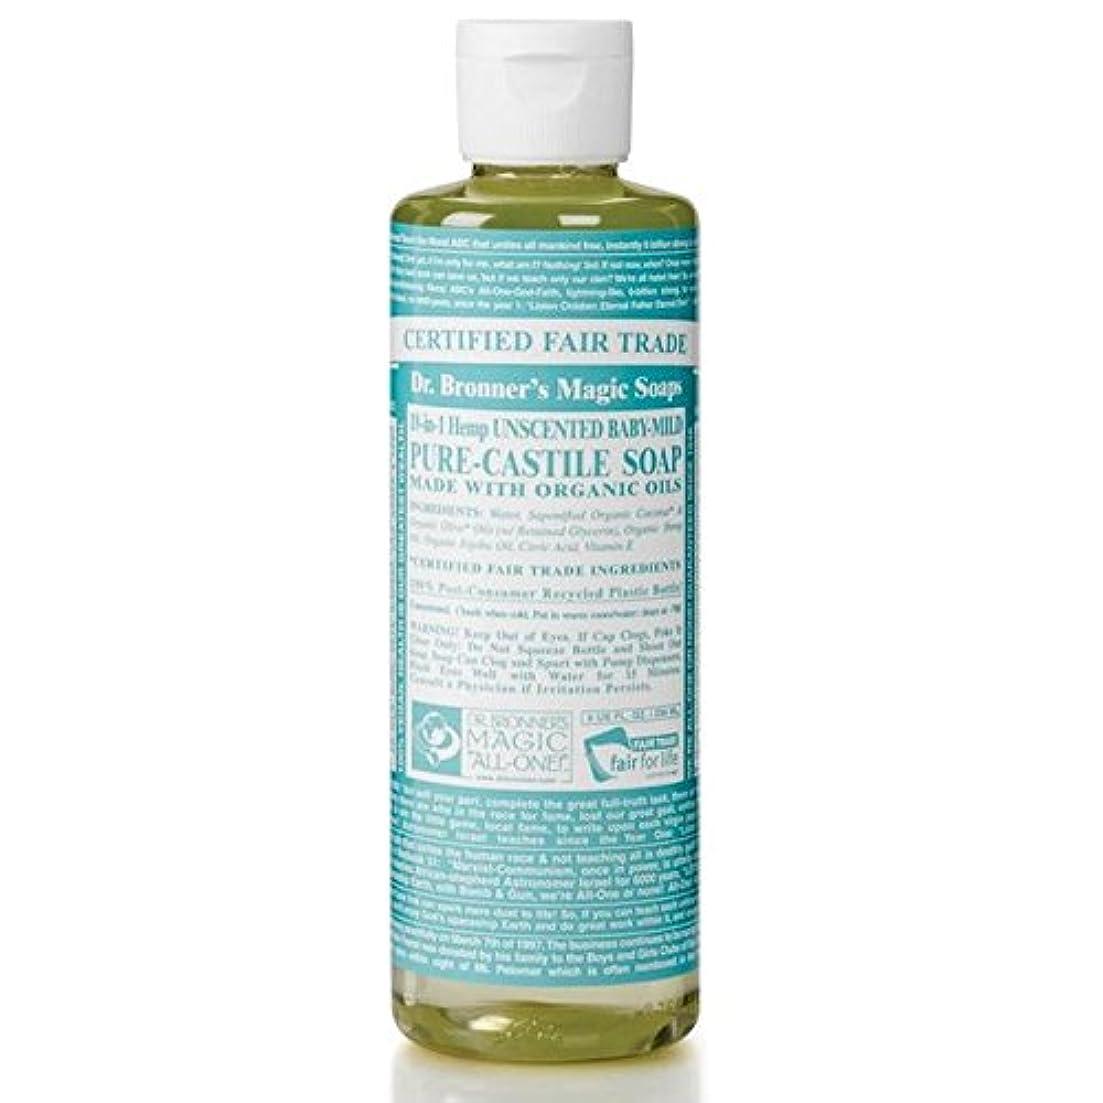 再現する直感アルファベットDr Bronner Organic Baby Mild Cast Liquid Soap 237ml - のブロナーオーガニックベビーマイルドなキャスト液体石鹸237ミリリットル [並行輸入品]